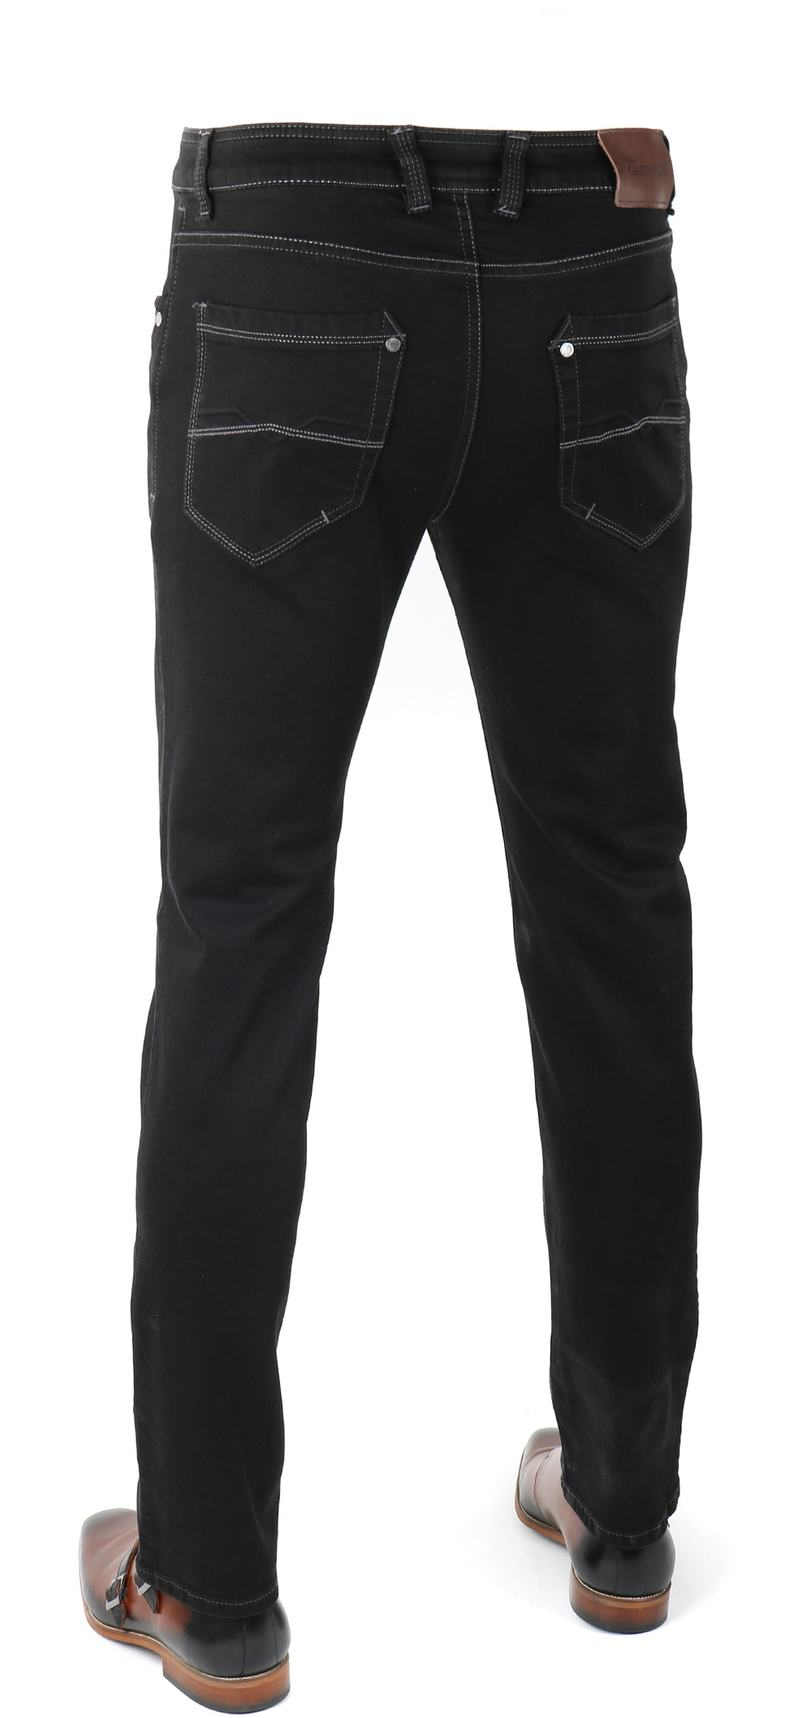 Gardeur Batu Jeans Black foto 1